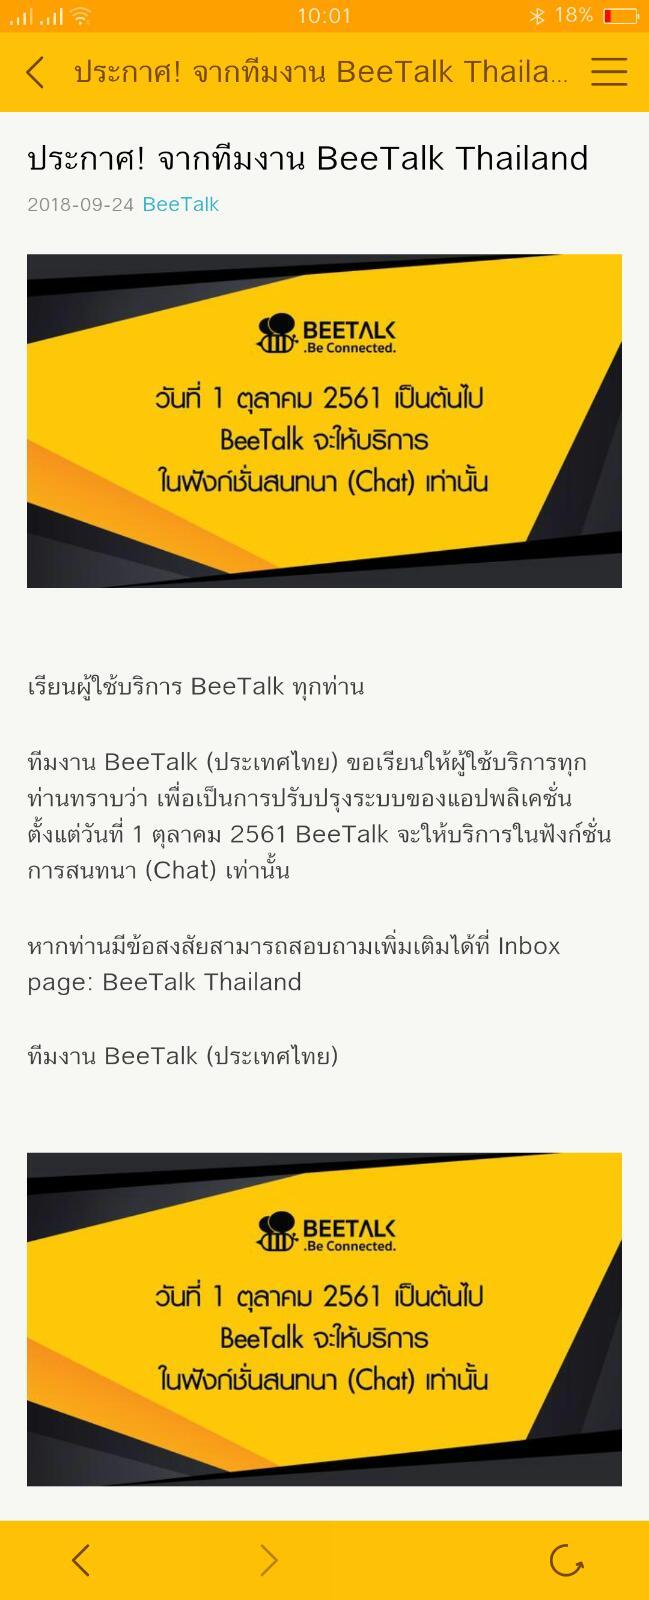 Beetalk มีปัญหาแบบนี้ใครรู้วิธีแก้บ้างครับ - Pantip